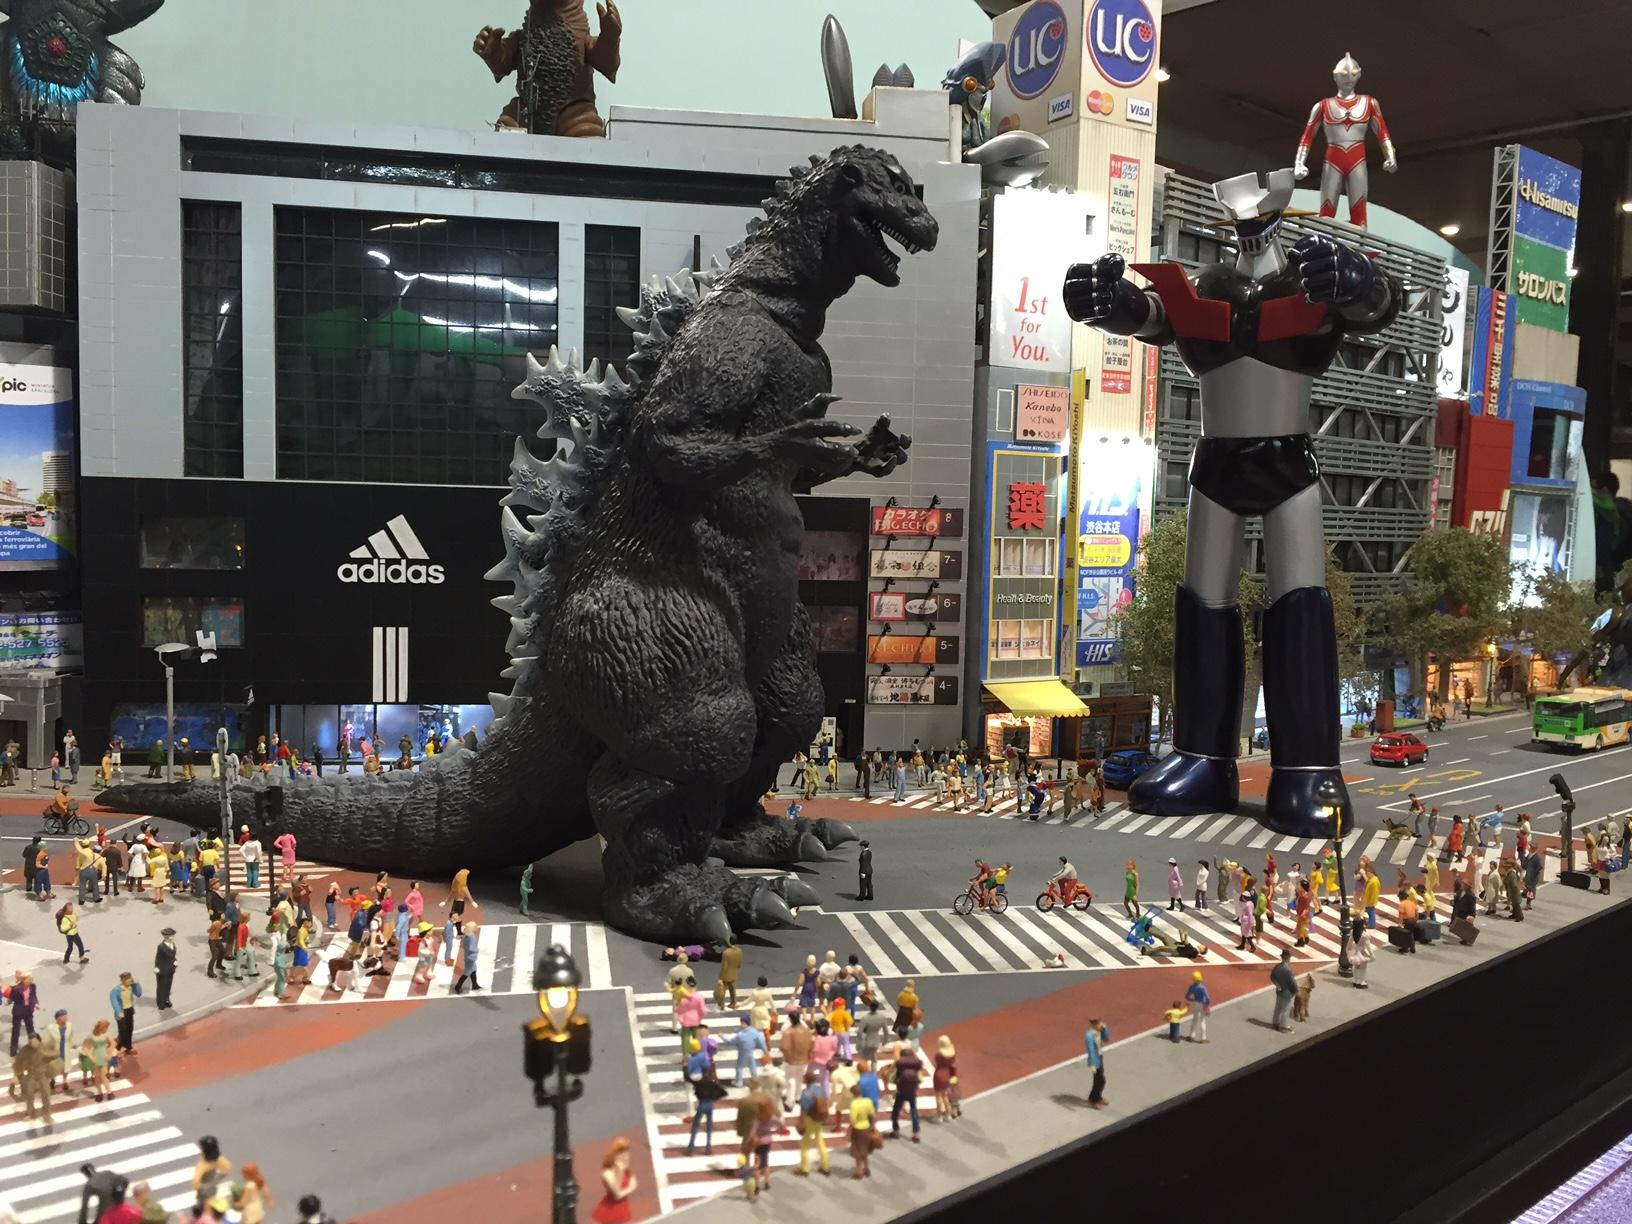 Tòquio a punt del caos amb aquesta lluita: Godzilla contra Mazinger Z!!